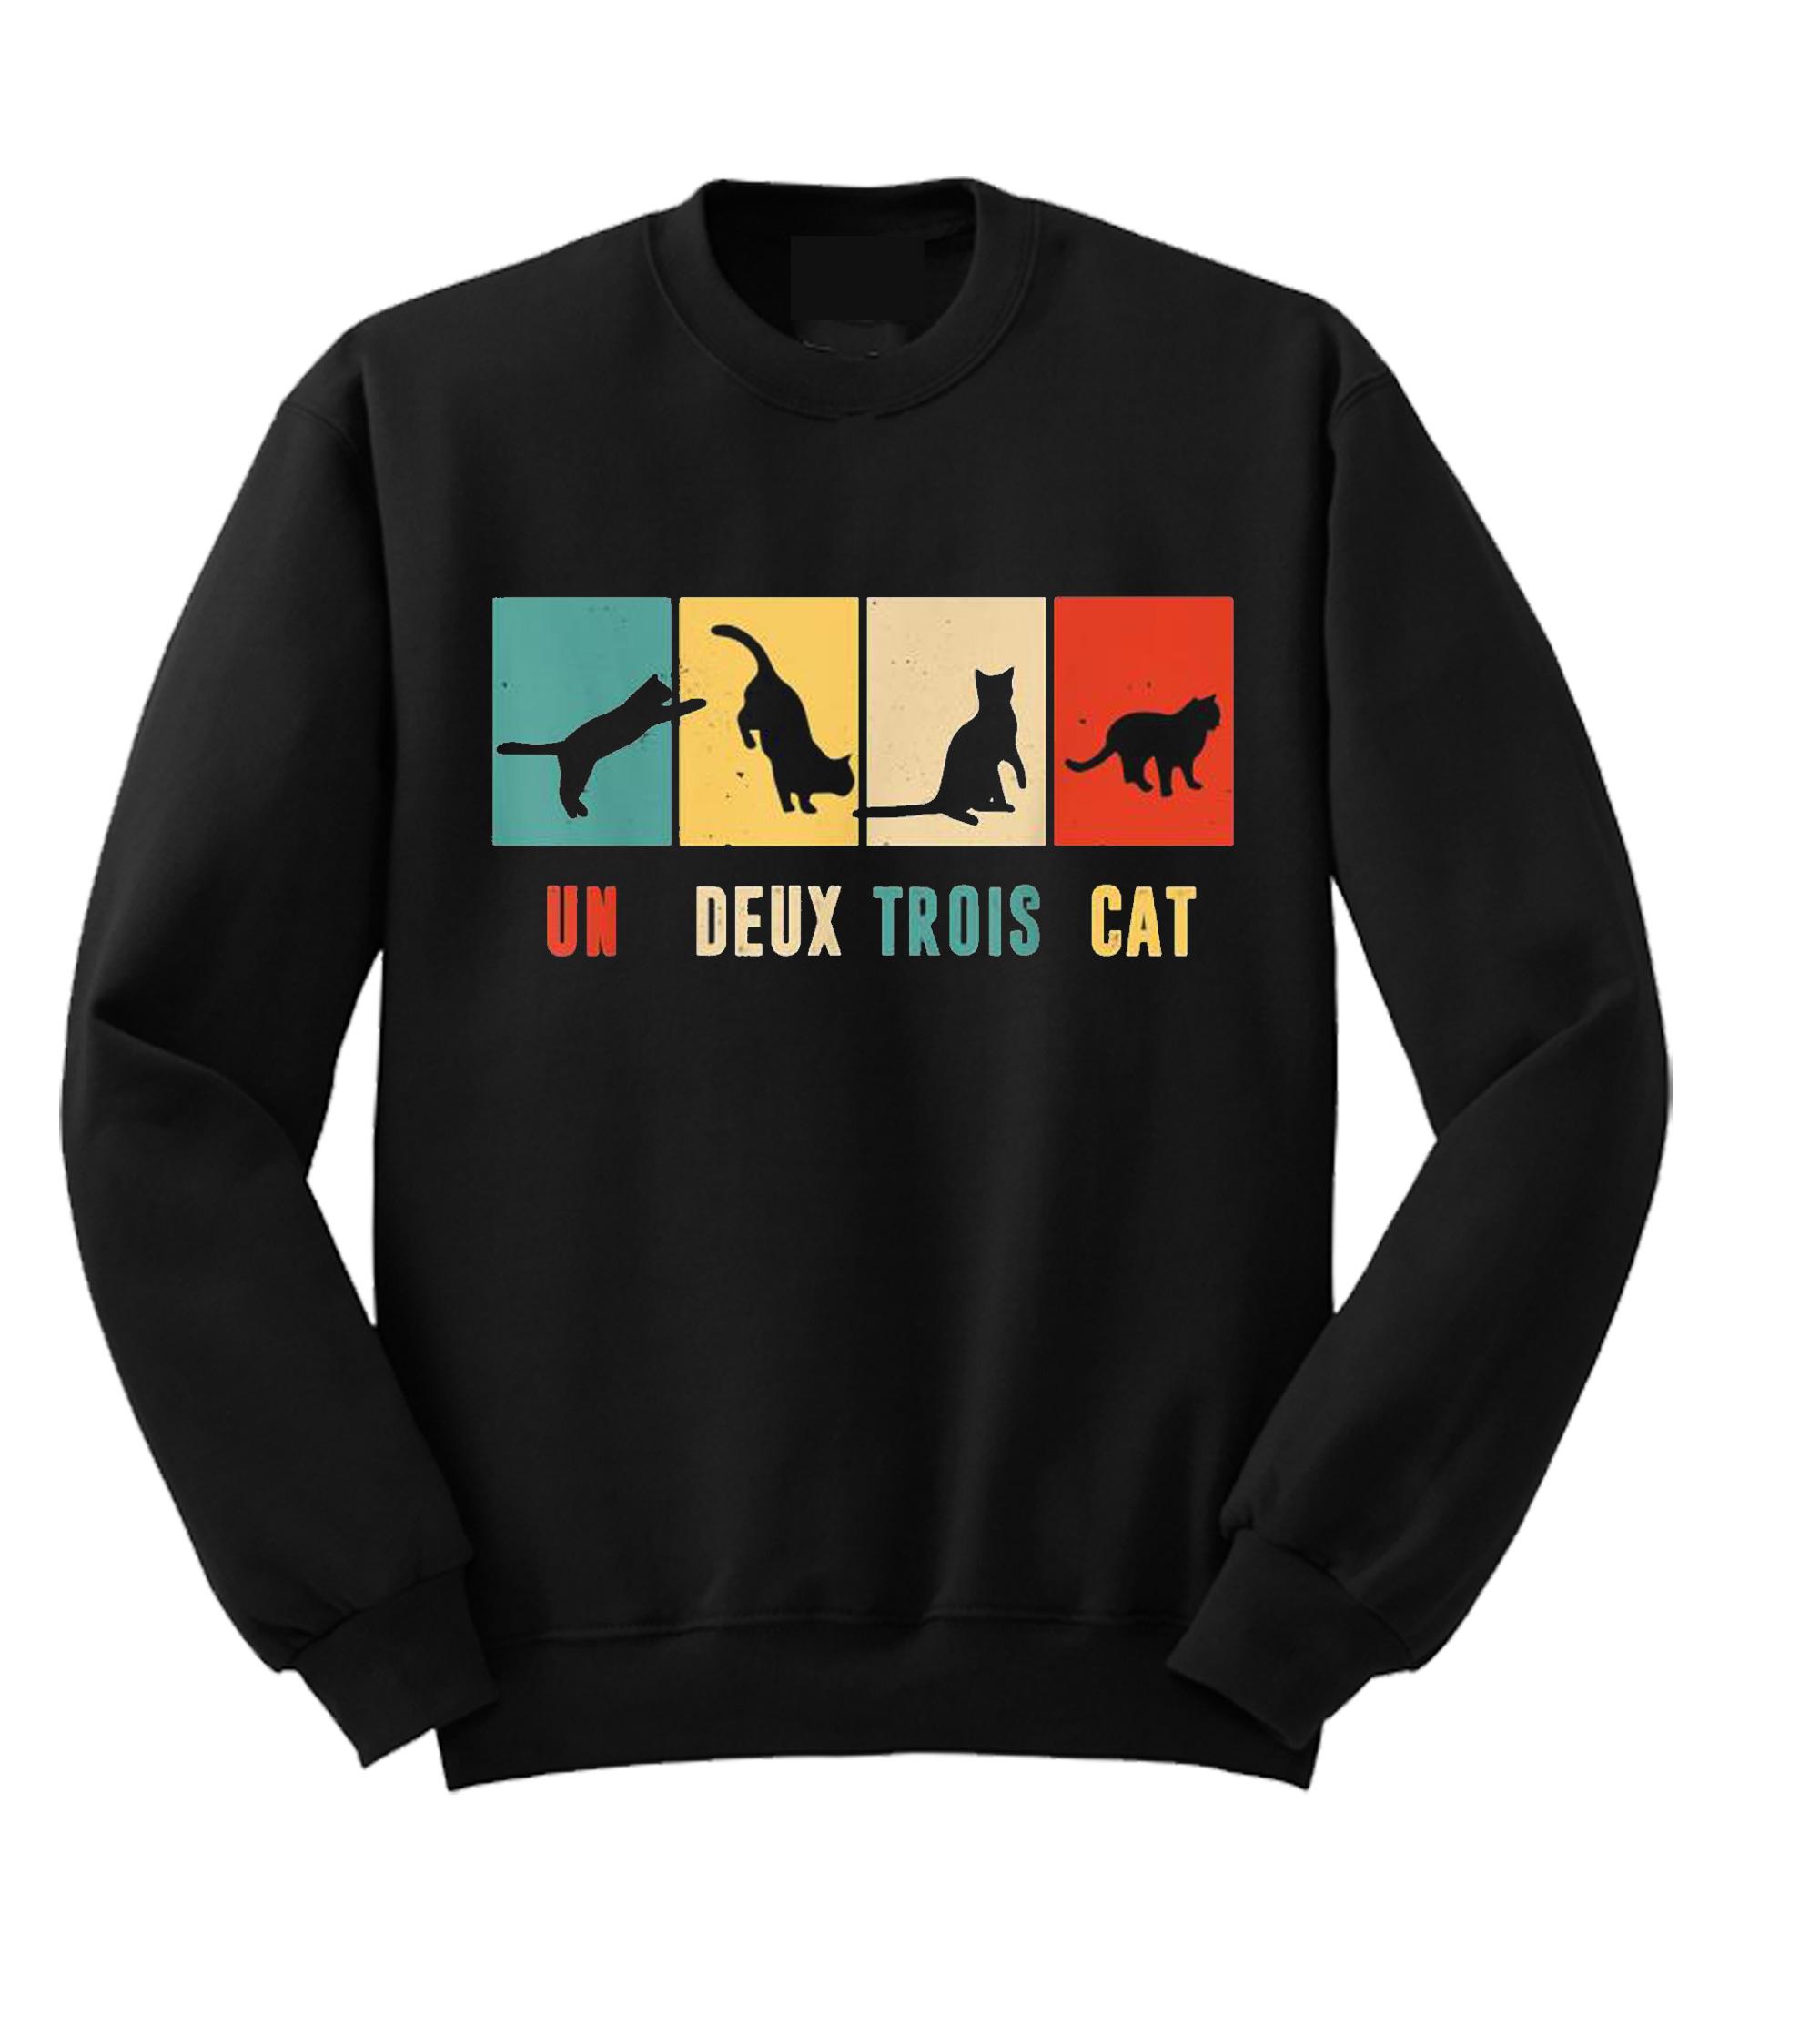 Un Deux Trois Cat SweatshirtUn Deux Trois Cat Sweatshirt